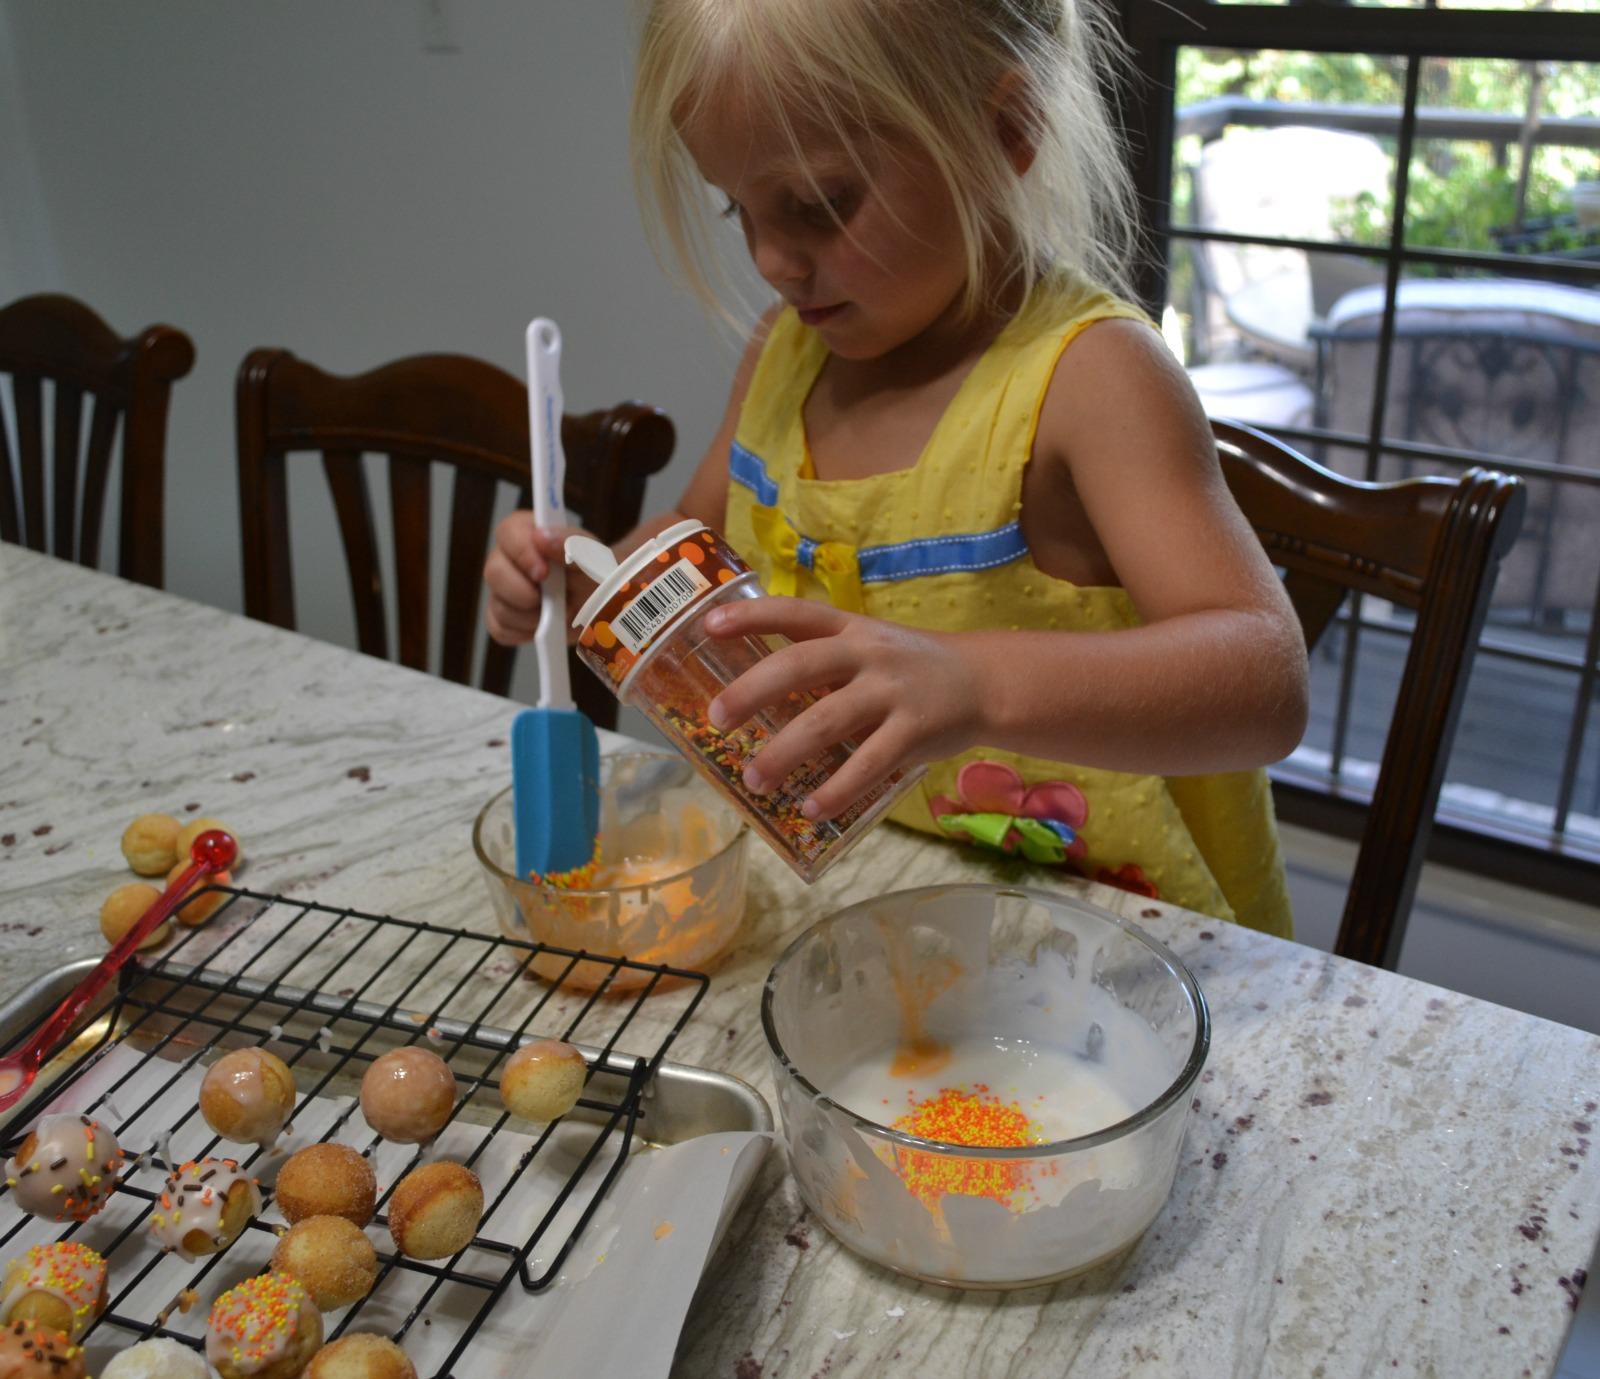 donut holes, donut glaze, sprinkles, kids cooking